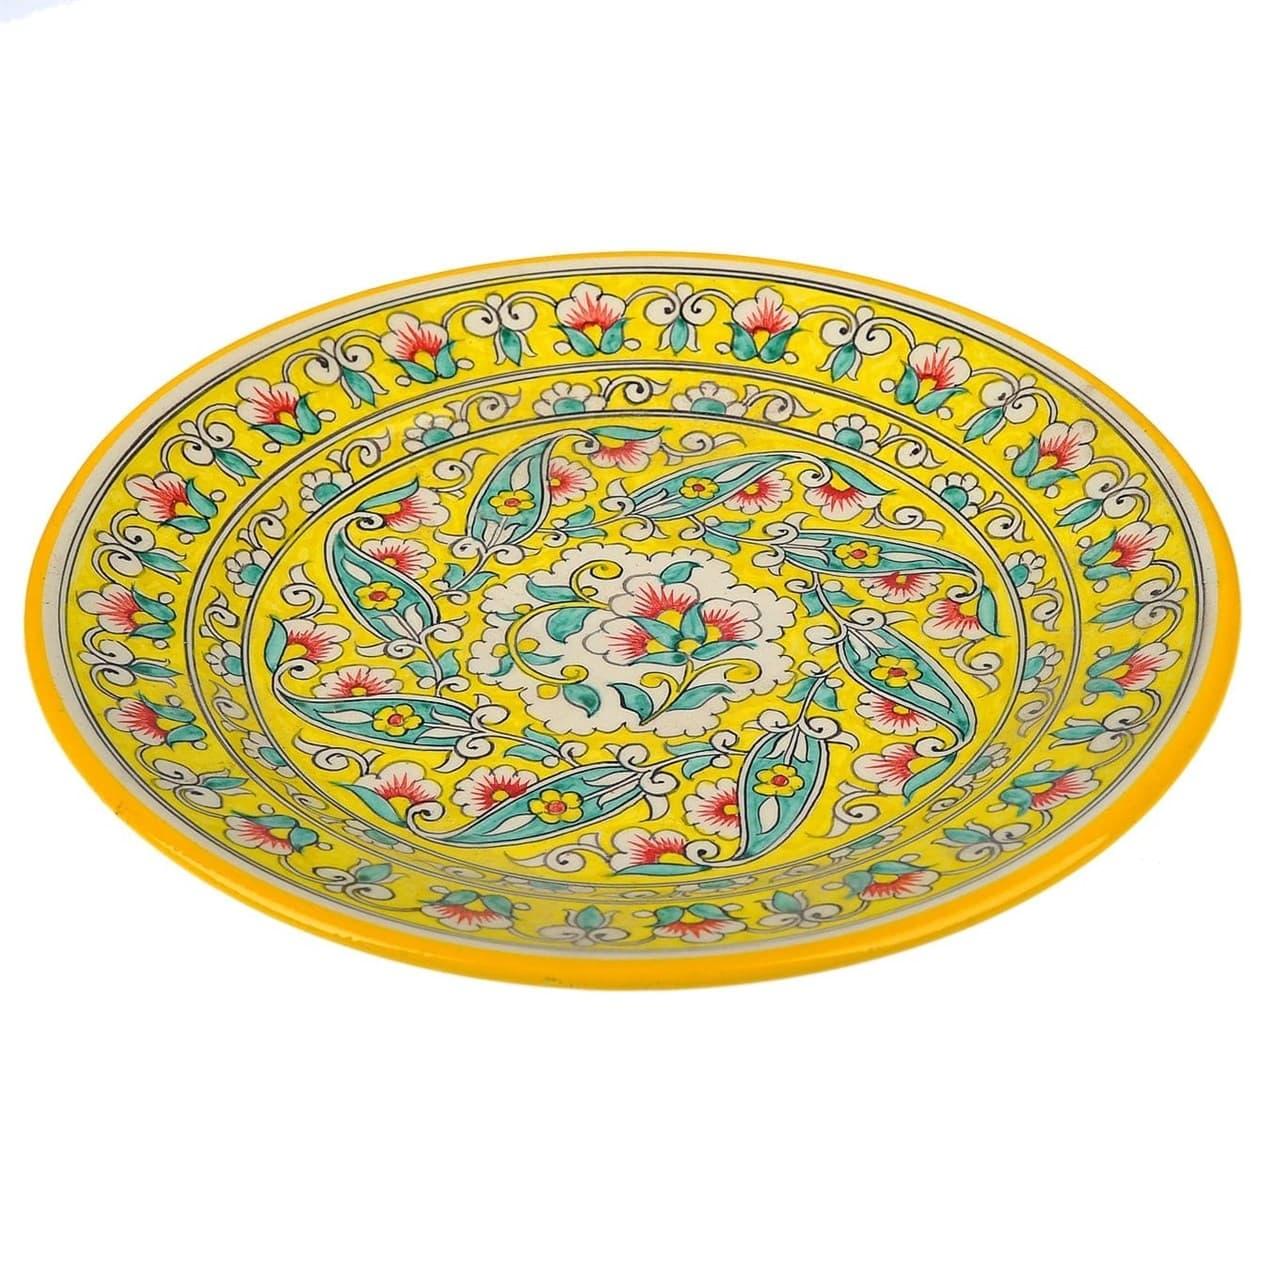 Ляган Риштанская Керамика 38 см. плоский, жёлтый - фото 9379